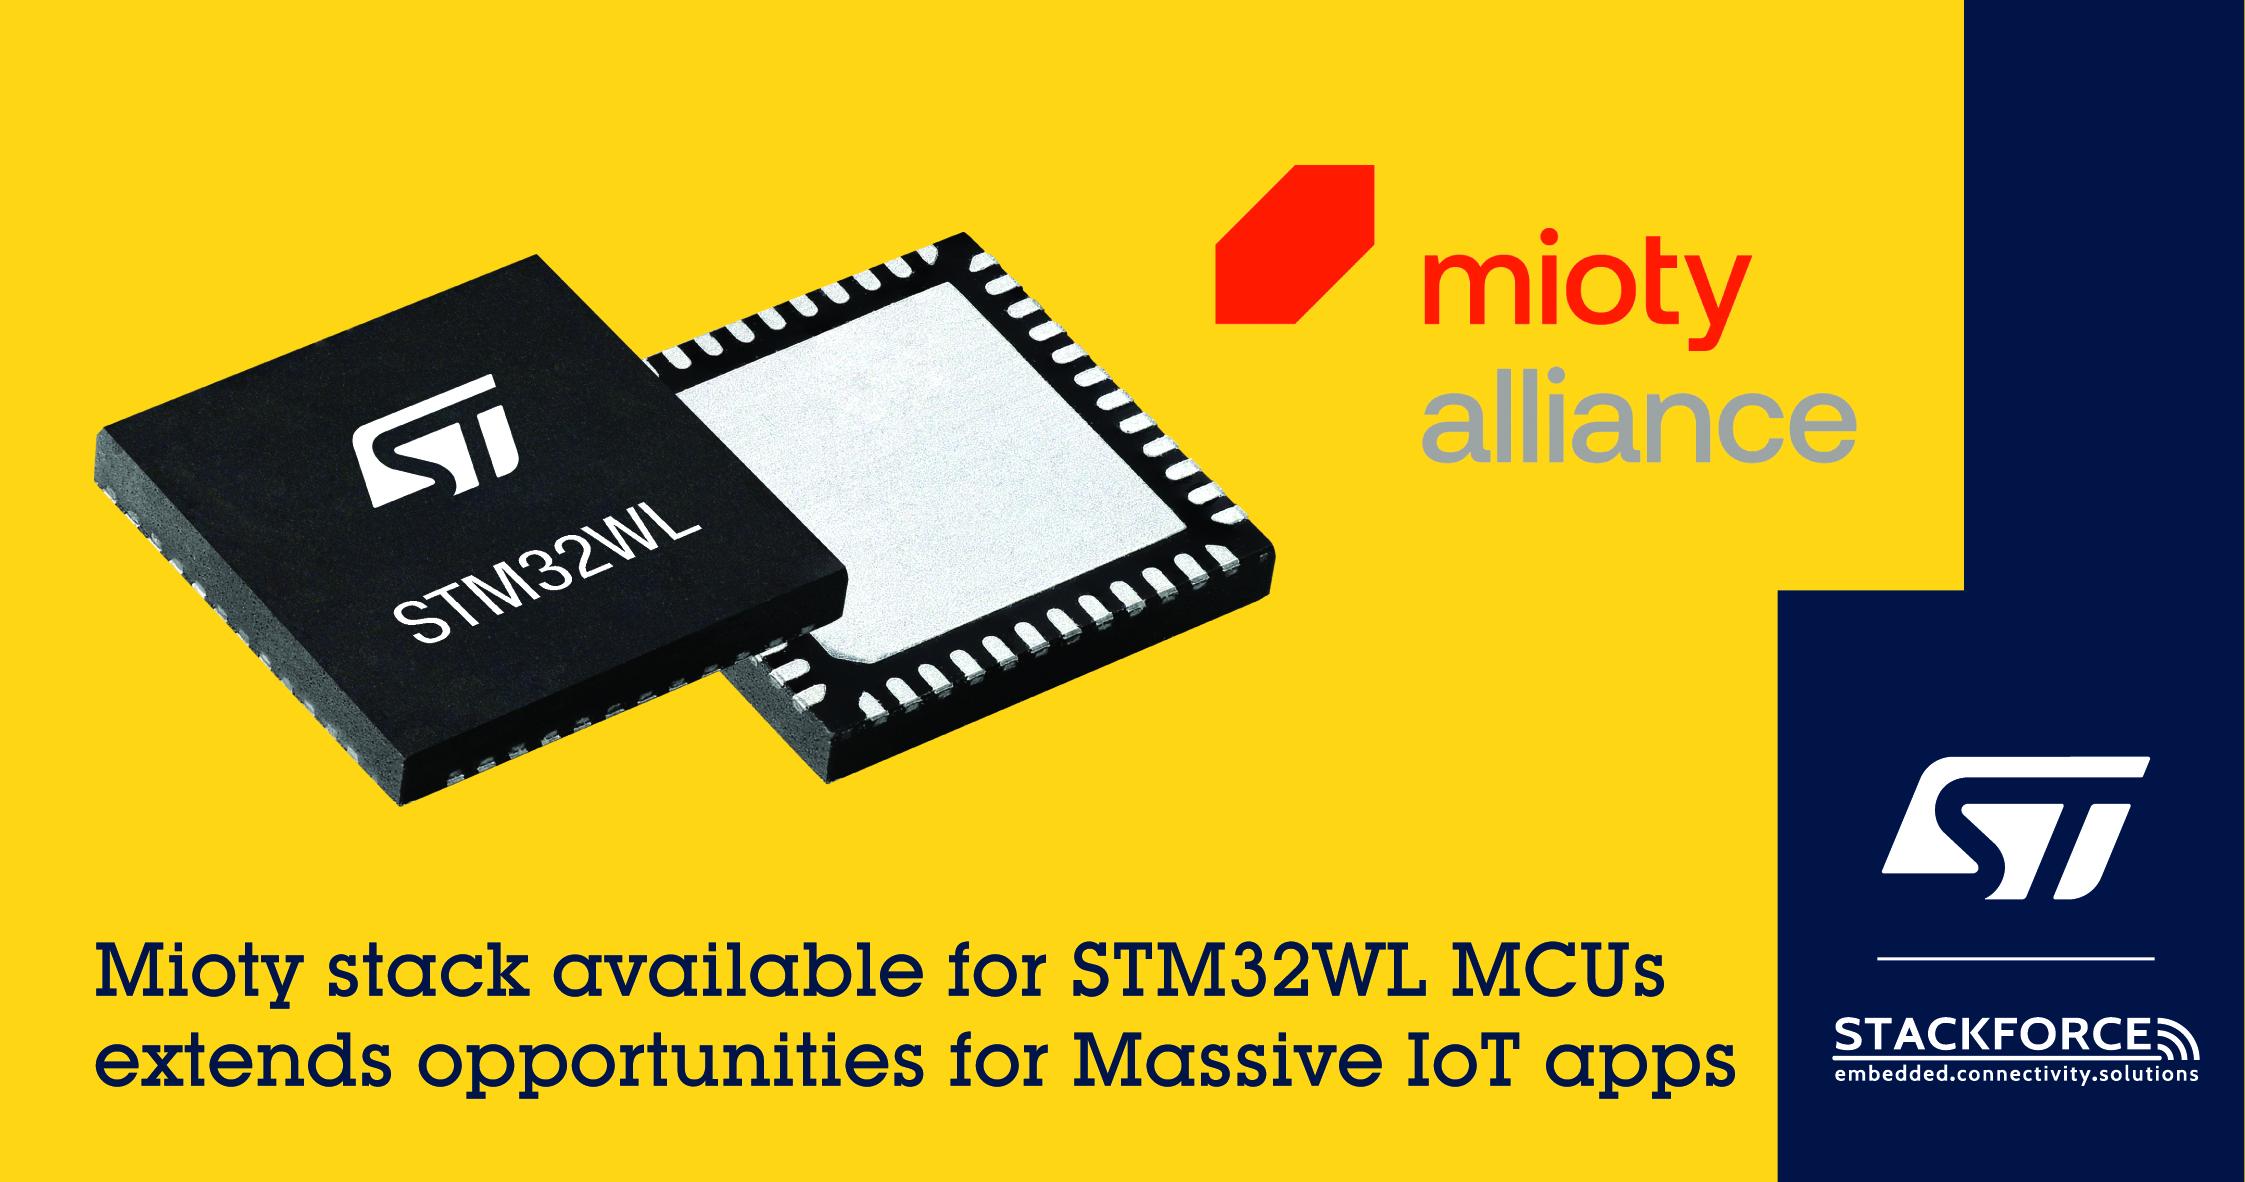 意法半導體加入mioty聯盟,拓展大規模物聯網 (Massive IoT) 應用機會